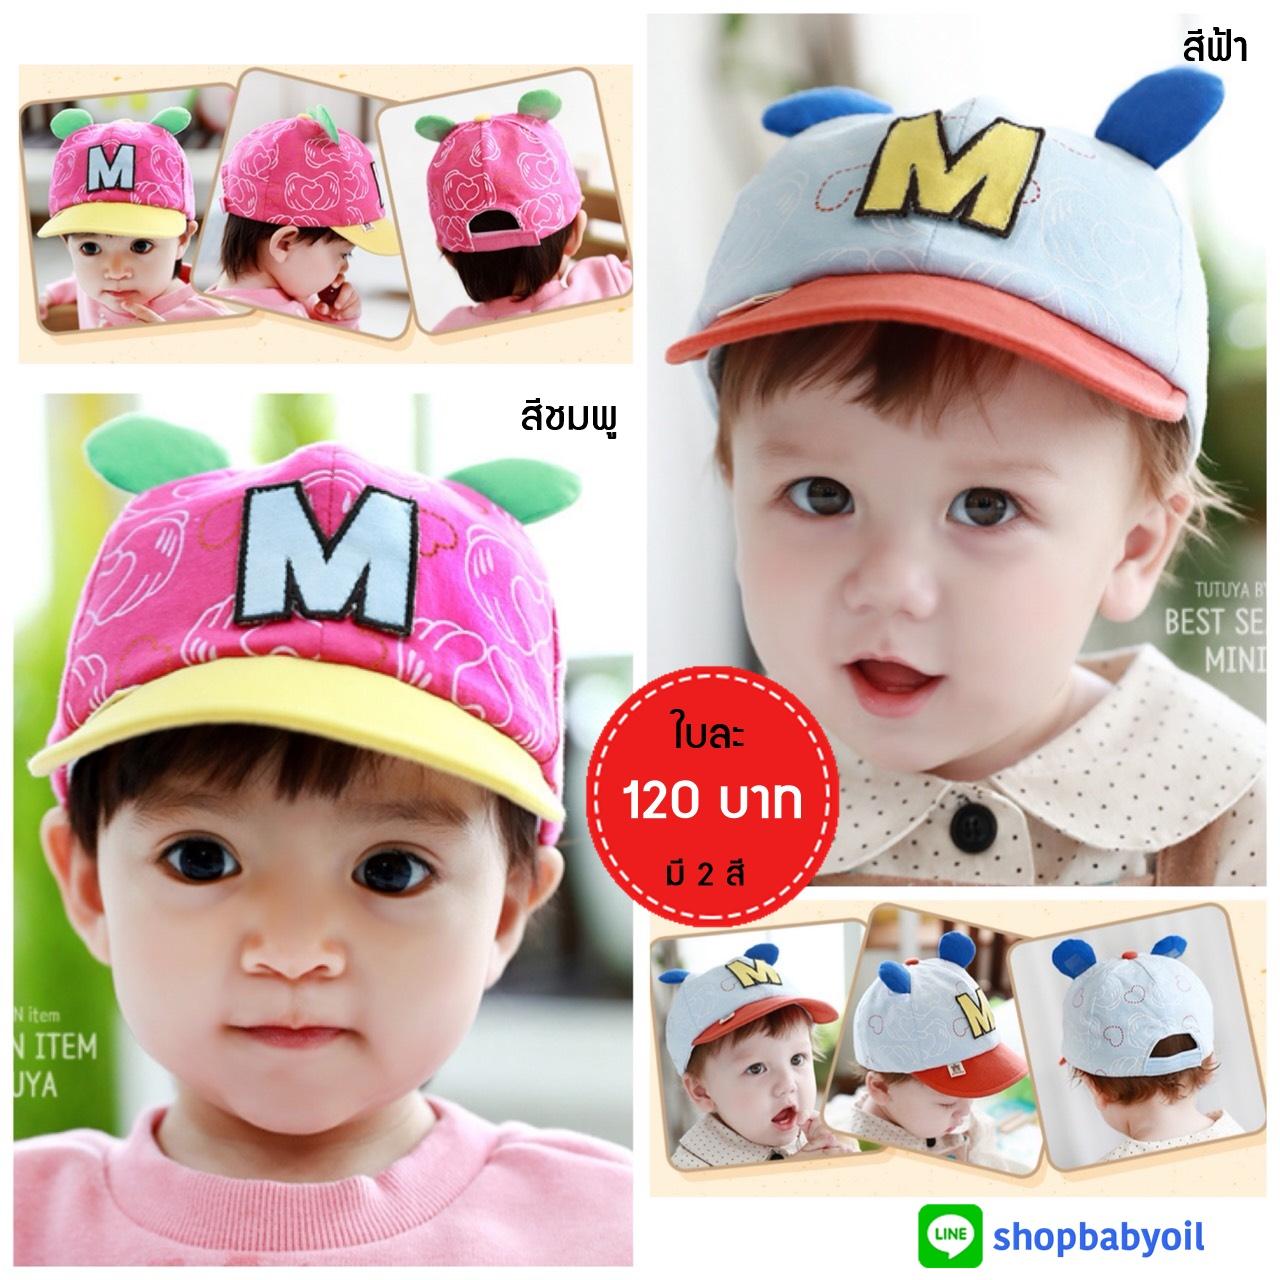 หมวกแก๊ป หมวกเด็กแบบมีปีกด้านหน้า ลาย M-มิกกี้ (มี 4 สี)